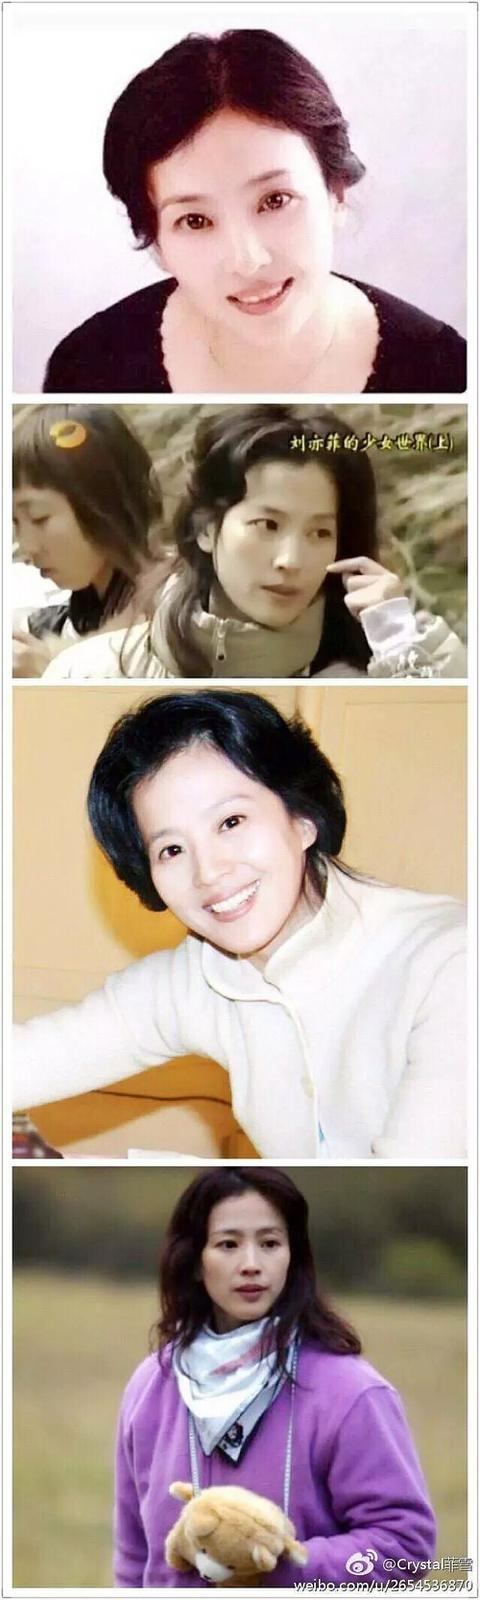 刘亦菲竟是全家最丑,如果都进入娱乐圈就没刘亦菲什么事了!-第3张图片